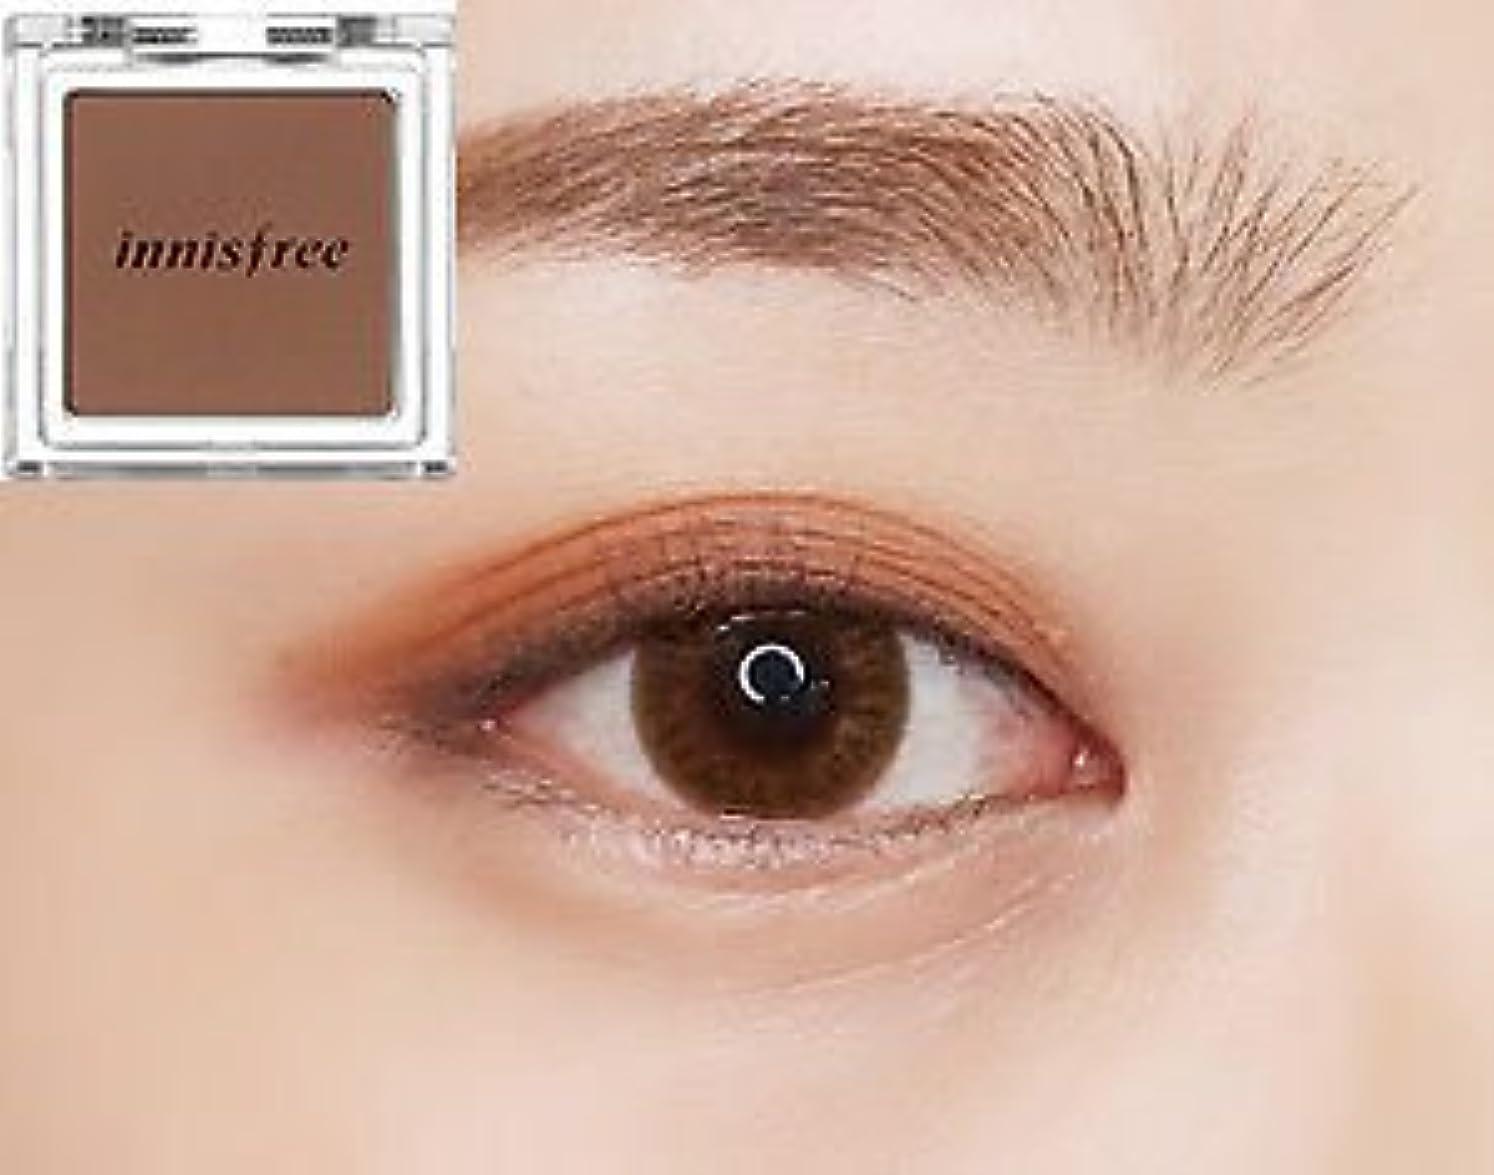 チャンス軽減同僚[イニスフリー] innisfree [マイ パレット マイ アイシャドウ (マット) 40カラー] MY PALETTE My Eyeshadow (Matte) 40 Shades [海外直送品] (マット #20)